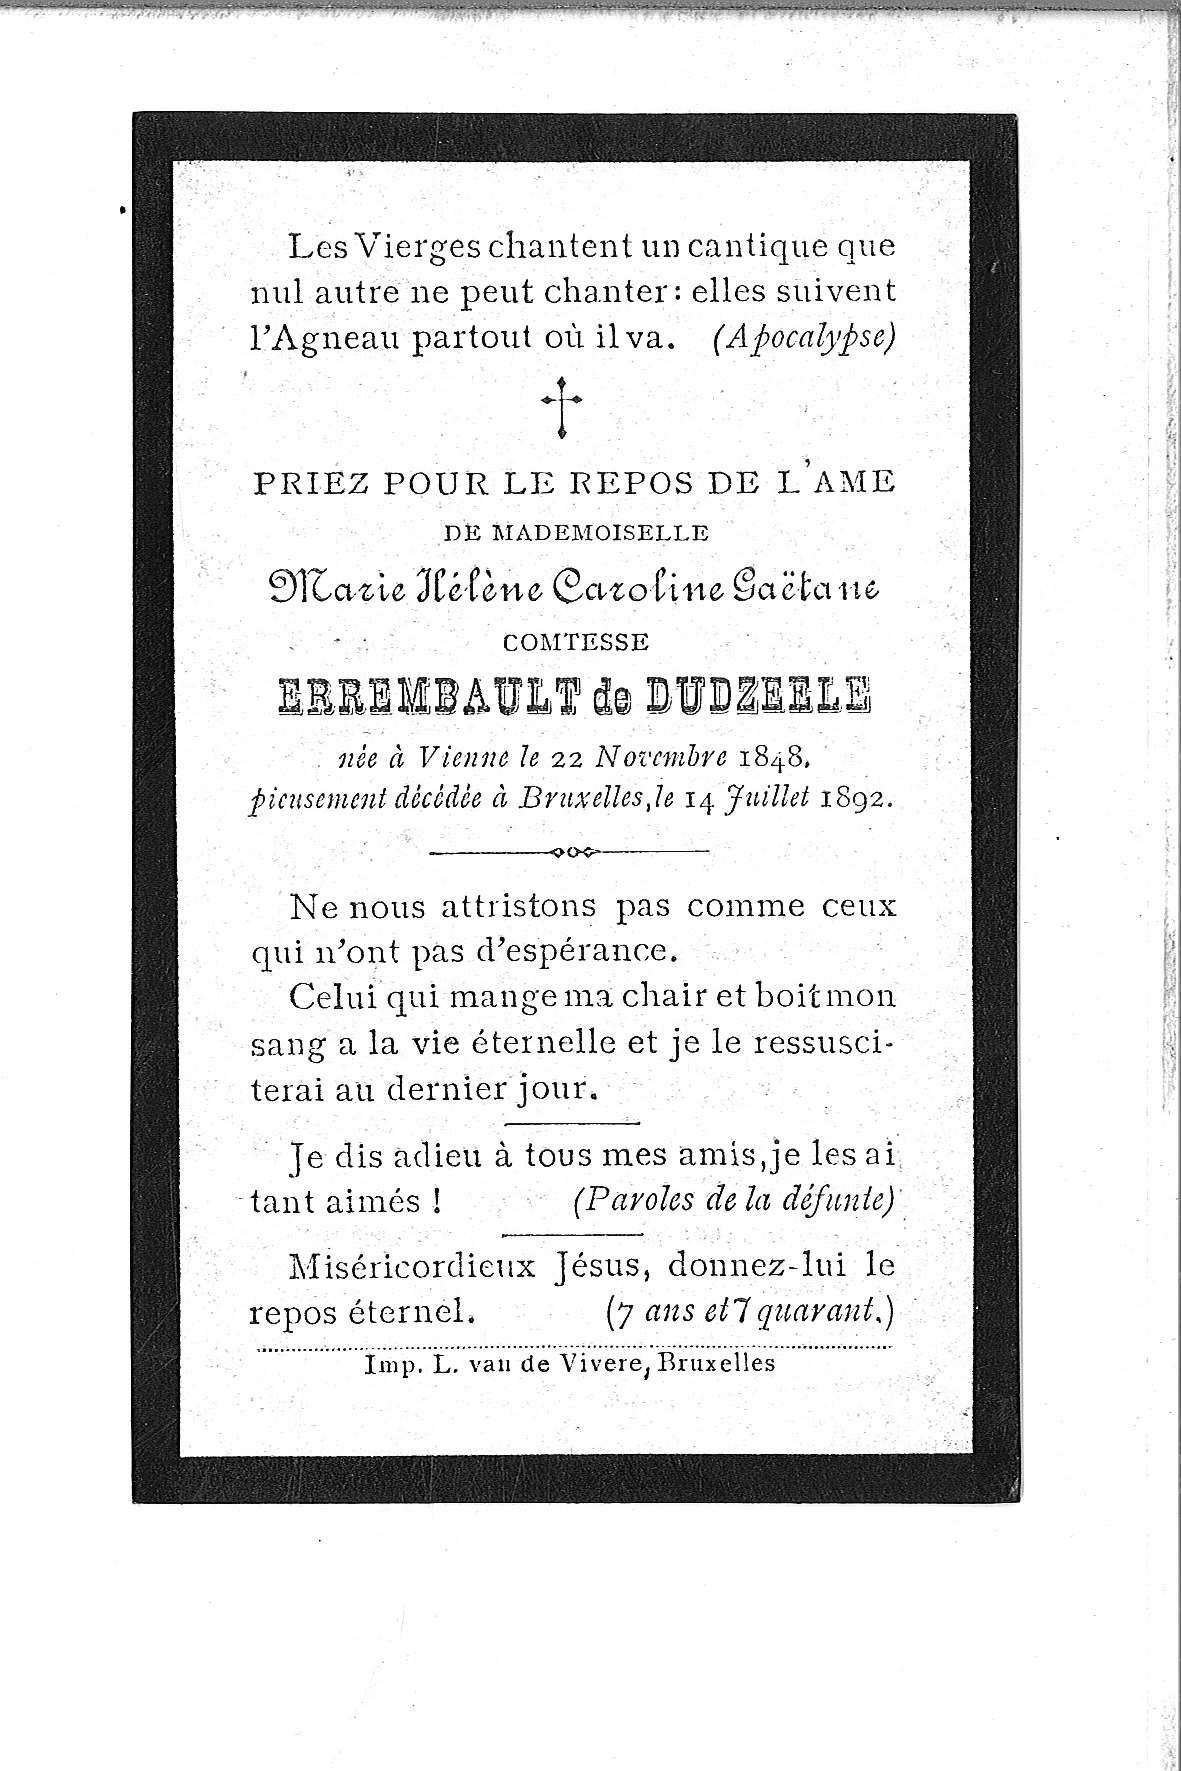 Marie-Hélène-(1892)-20121105162927_00167.jpg